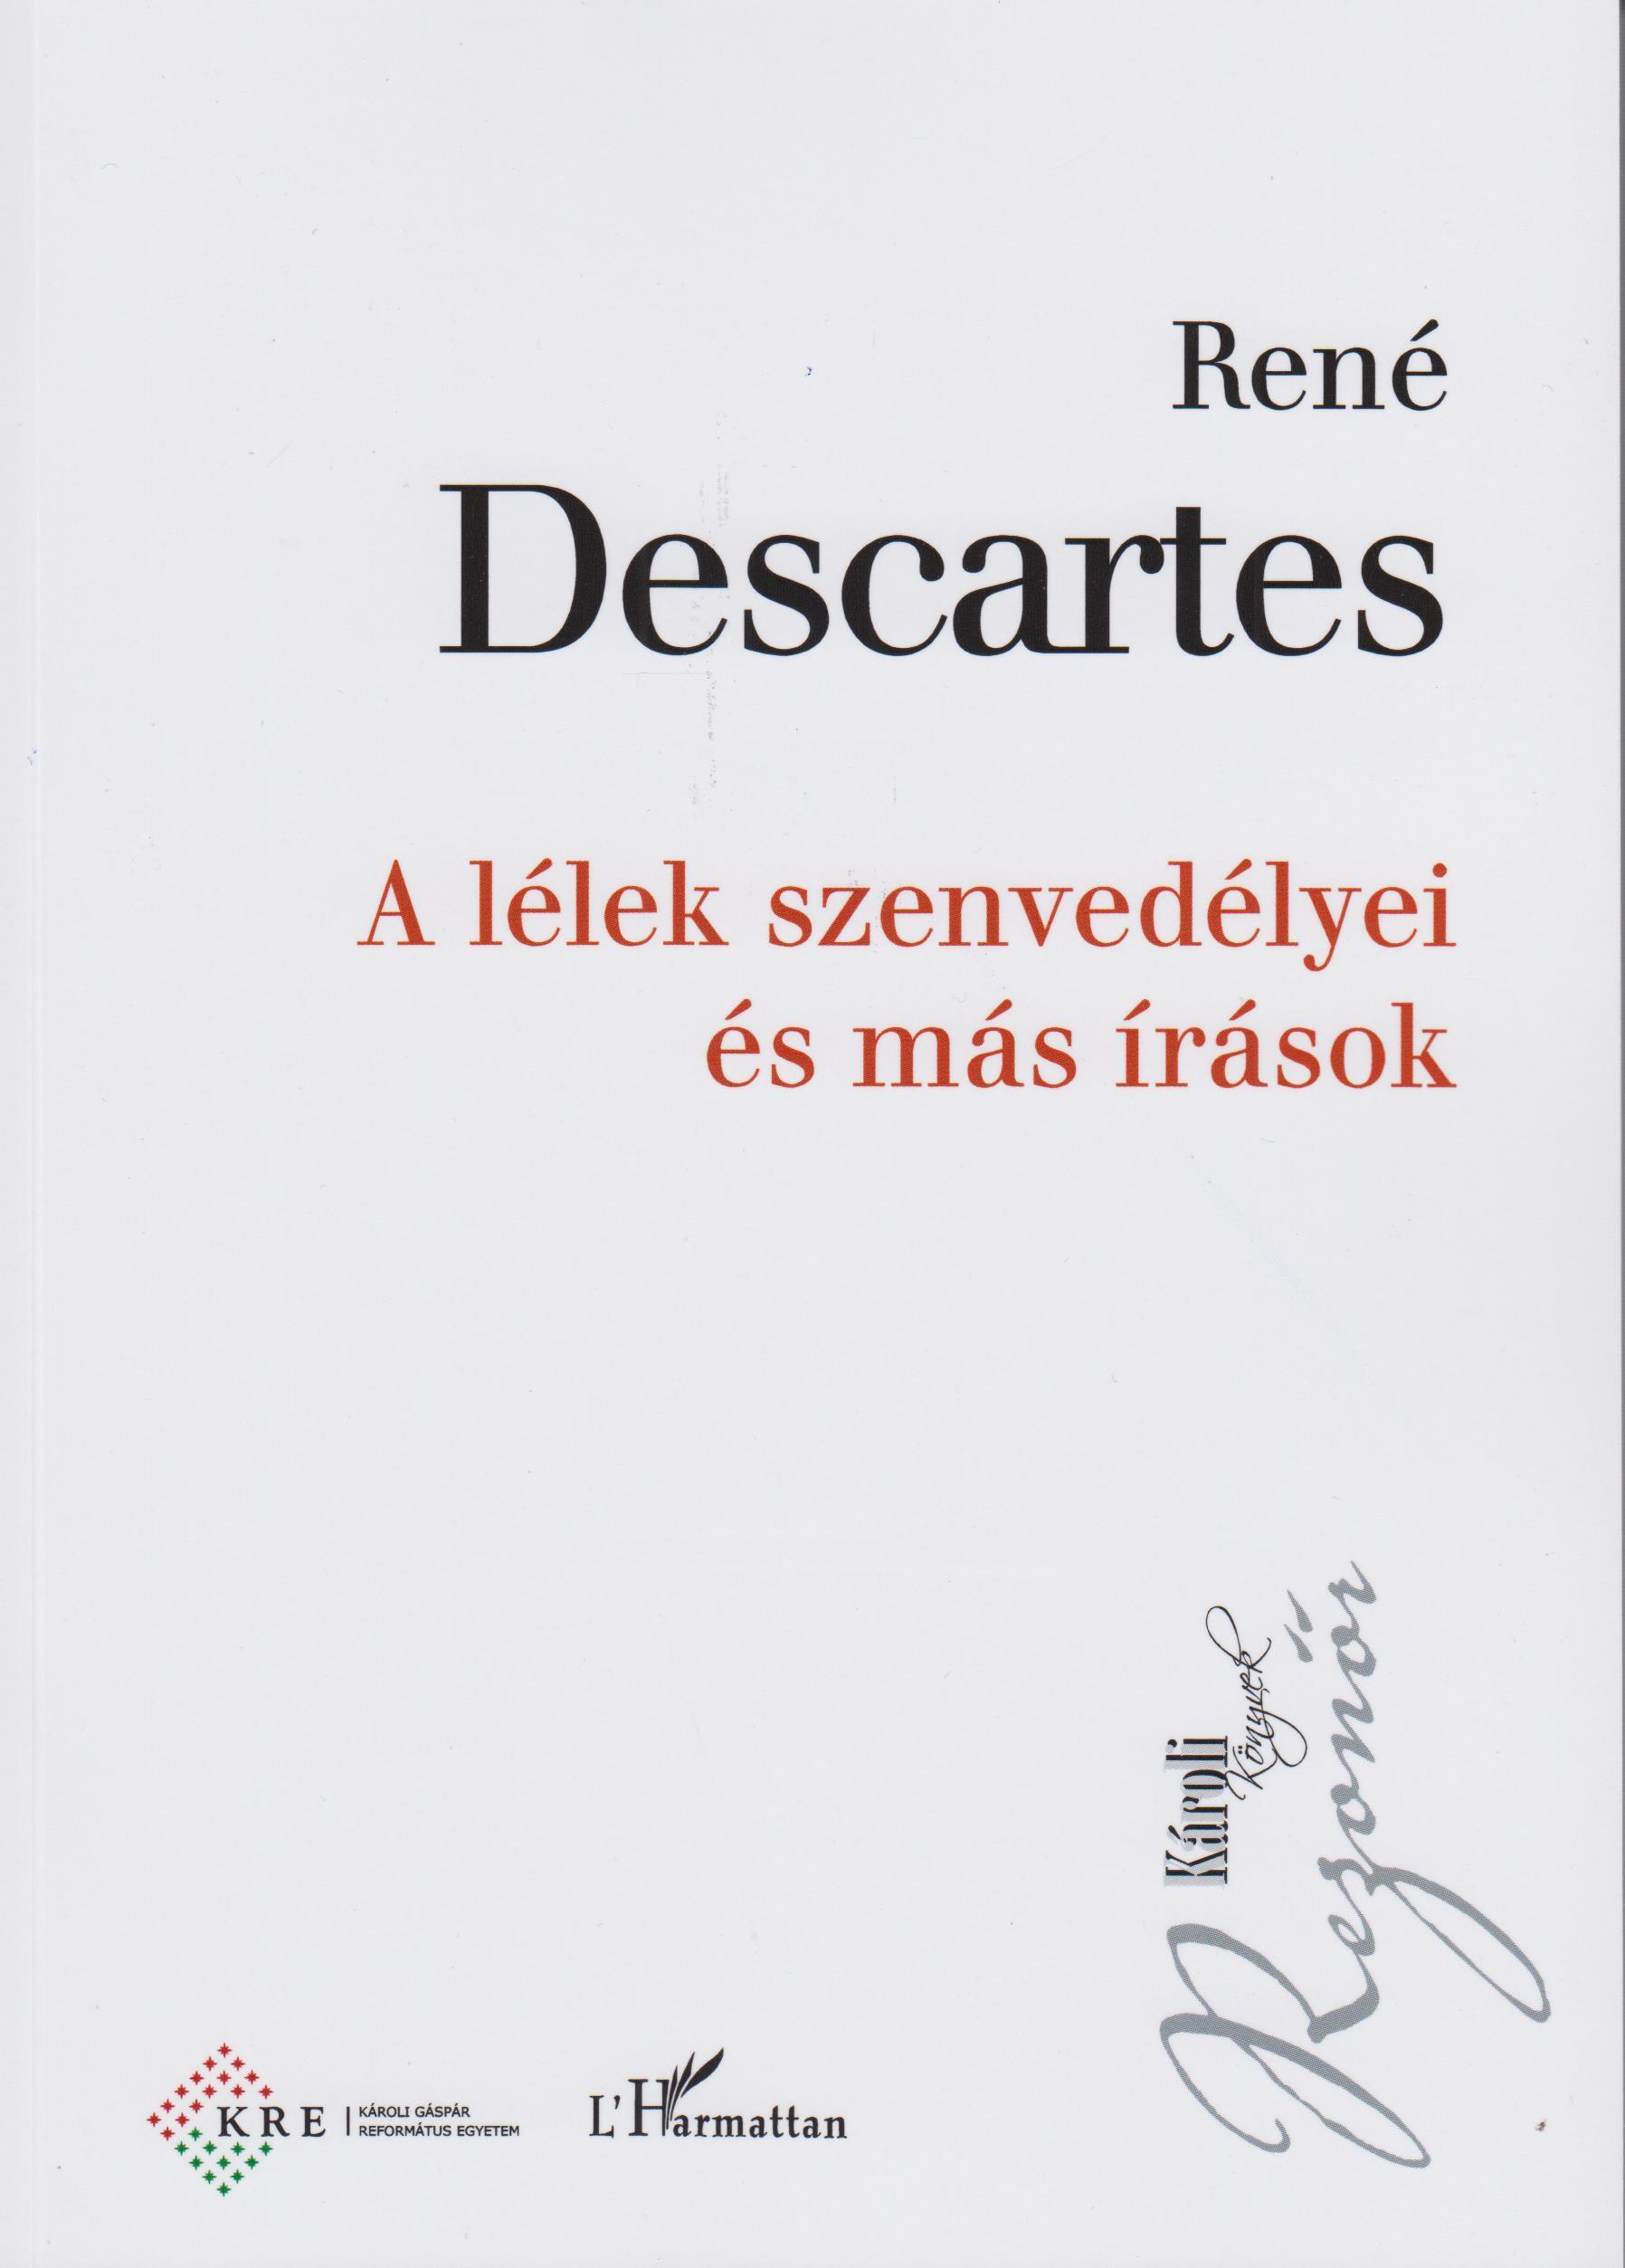 René Descartes - A lélek szenvedélyei és más írások